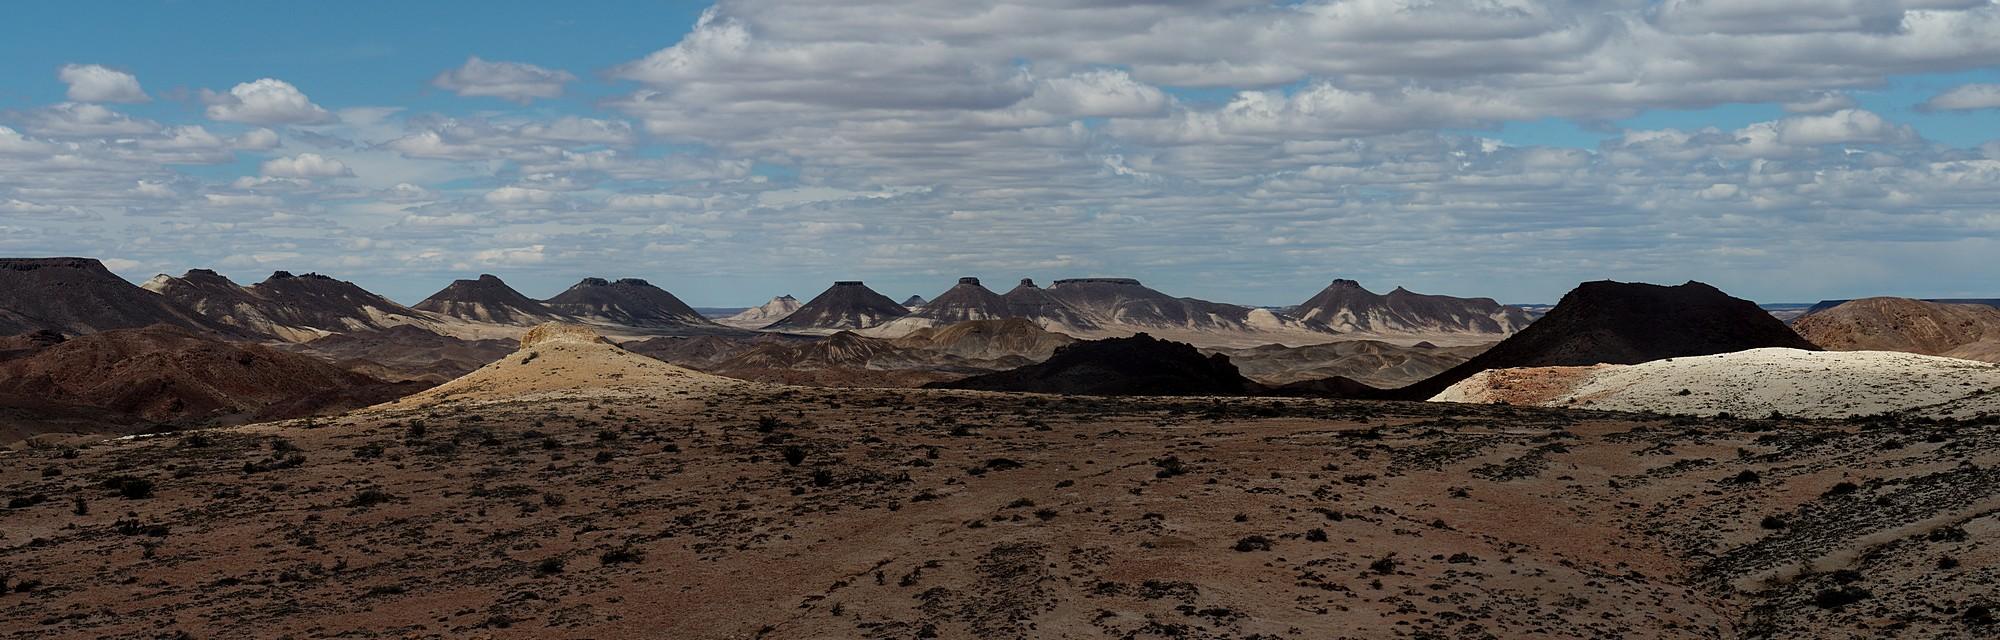 Auch die umgebende Landschaft kann sich sehen lassen